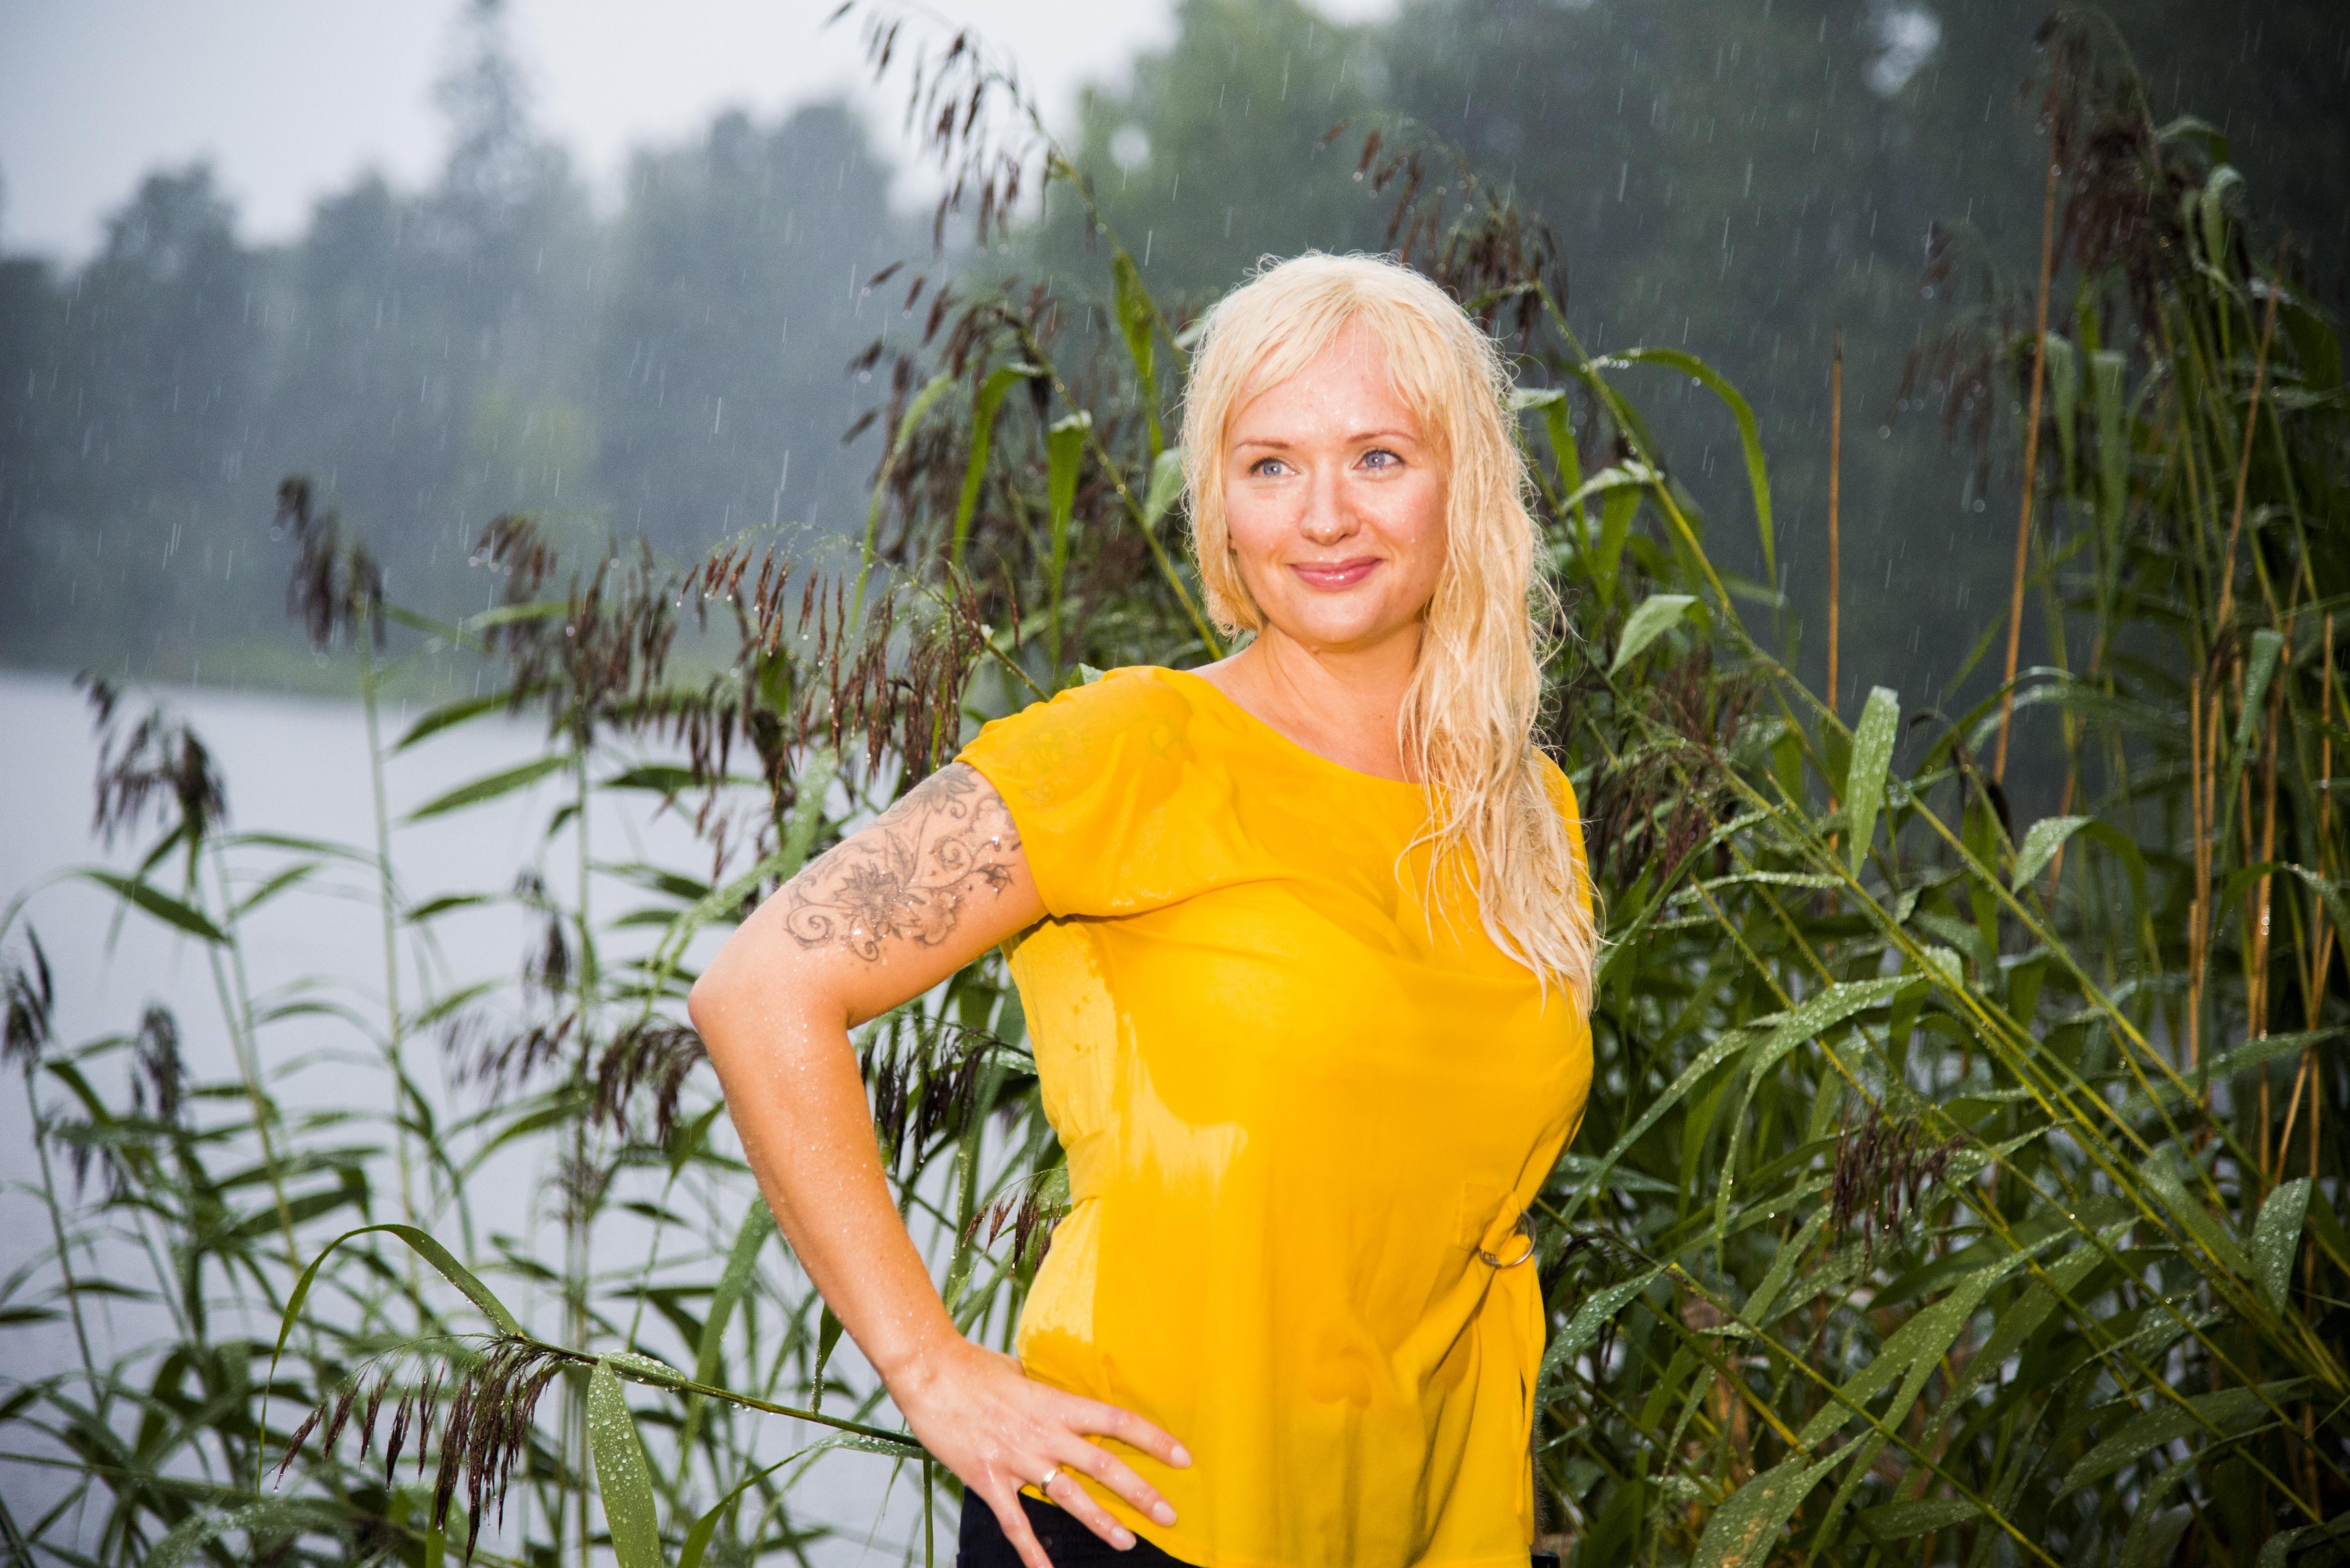 Kvinne i gul topp med lyst hår. Står ute i regnet og er våt. Bruker hårdel